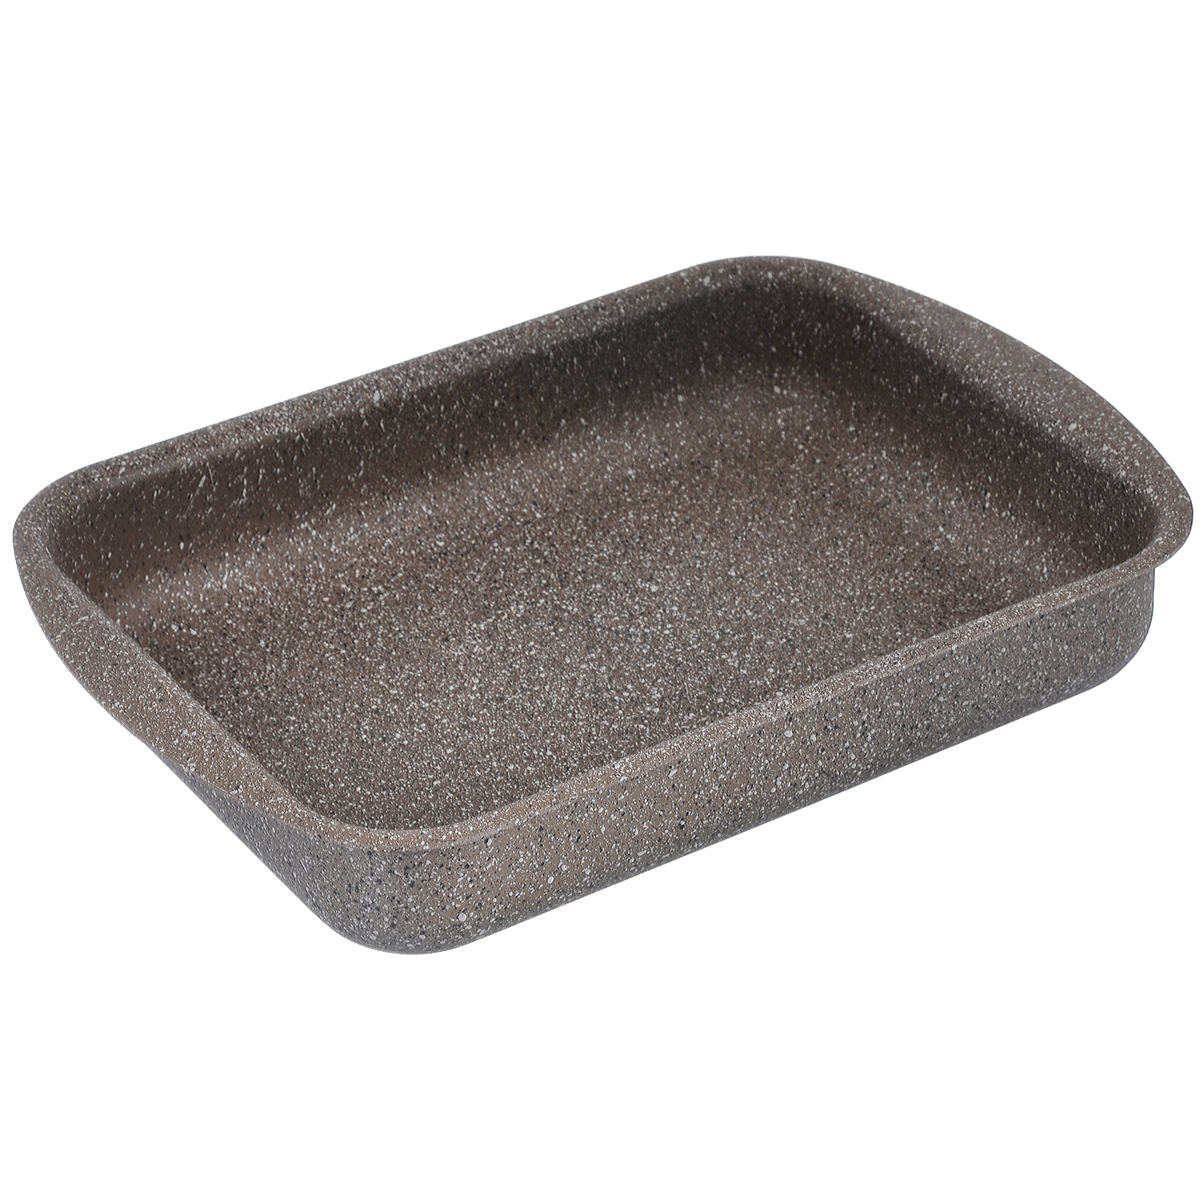 Противень TimA Art Granit, с антипригарным покрытием, прямоугольный, 31 см х 23 см х 6 см420585Прямоугольный противень TimA Art Granit изготовлен из алюминия с антипригарным покрытием. Пятислойное сверхпрочное антипригарное покрытие нового поколения серии Art Granit состоит из нескольких слоев каменной крошки с высоким содержанием минералов. Это обеспечивает максимальный антипригарный эффект для приготовления блюд любой сложности и устойчивость к царапинам и истиранию. Возможно использование металлических столовых приборов.Утолщенное дно способствует равномерному распределению и сохранению тепла, что позволяет доводить блюдо до готовности без источника тепла. Посуда не боится перегрева, не выделяет опасных компонентов даже при высоких температурах. Покрытие абсолютно экологично, не содержит PFOA, примесей кадмия и свинца. Легко моется. Подходит для духового шкафа. Можно мыть в посудомоечной машине. Внутренний размер противня: 31 см х 23 см. Размер противня (с учетом ручек): 36 см х 25 см. Высота стенки: 6 см.